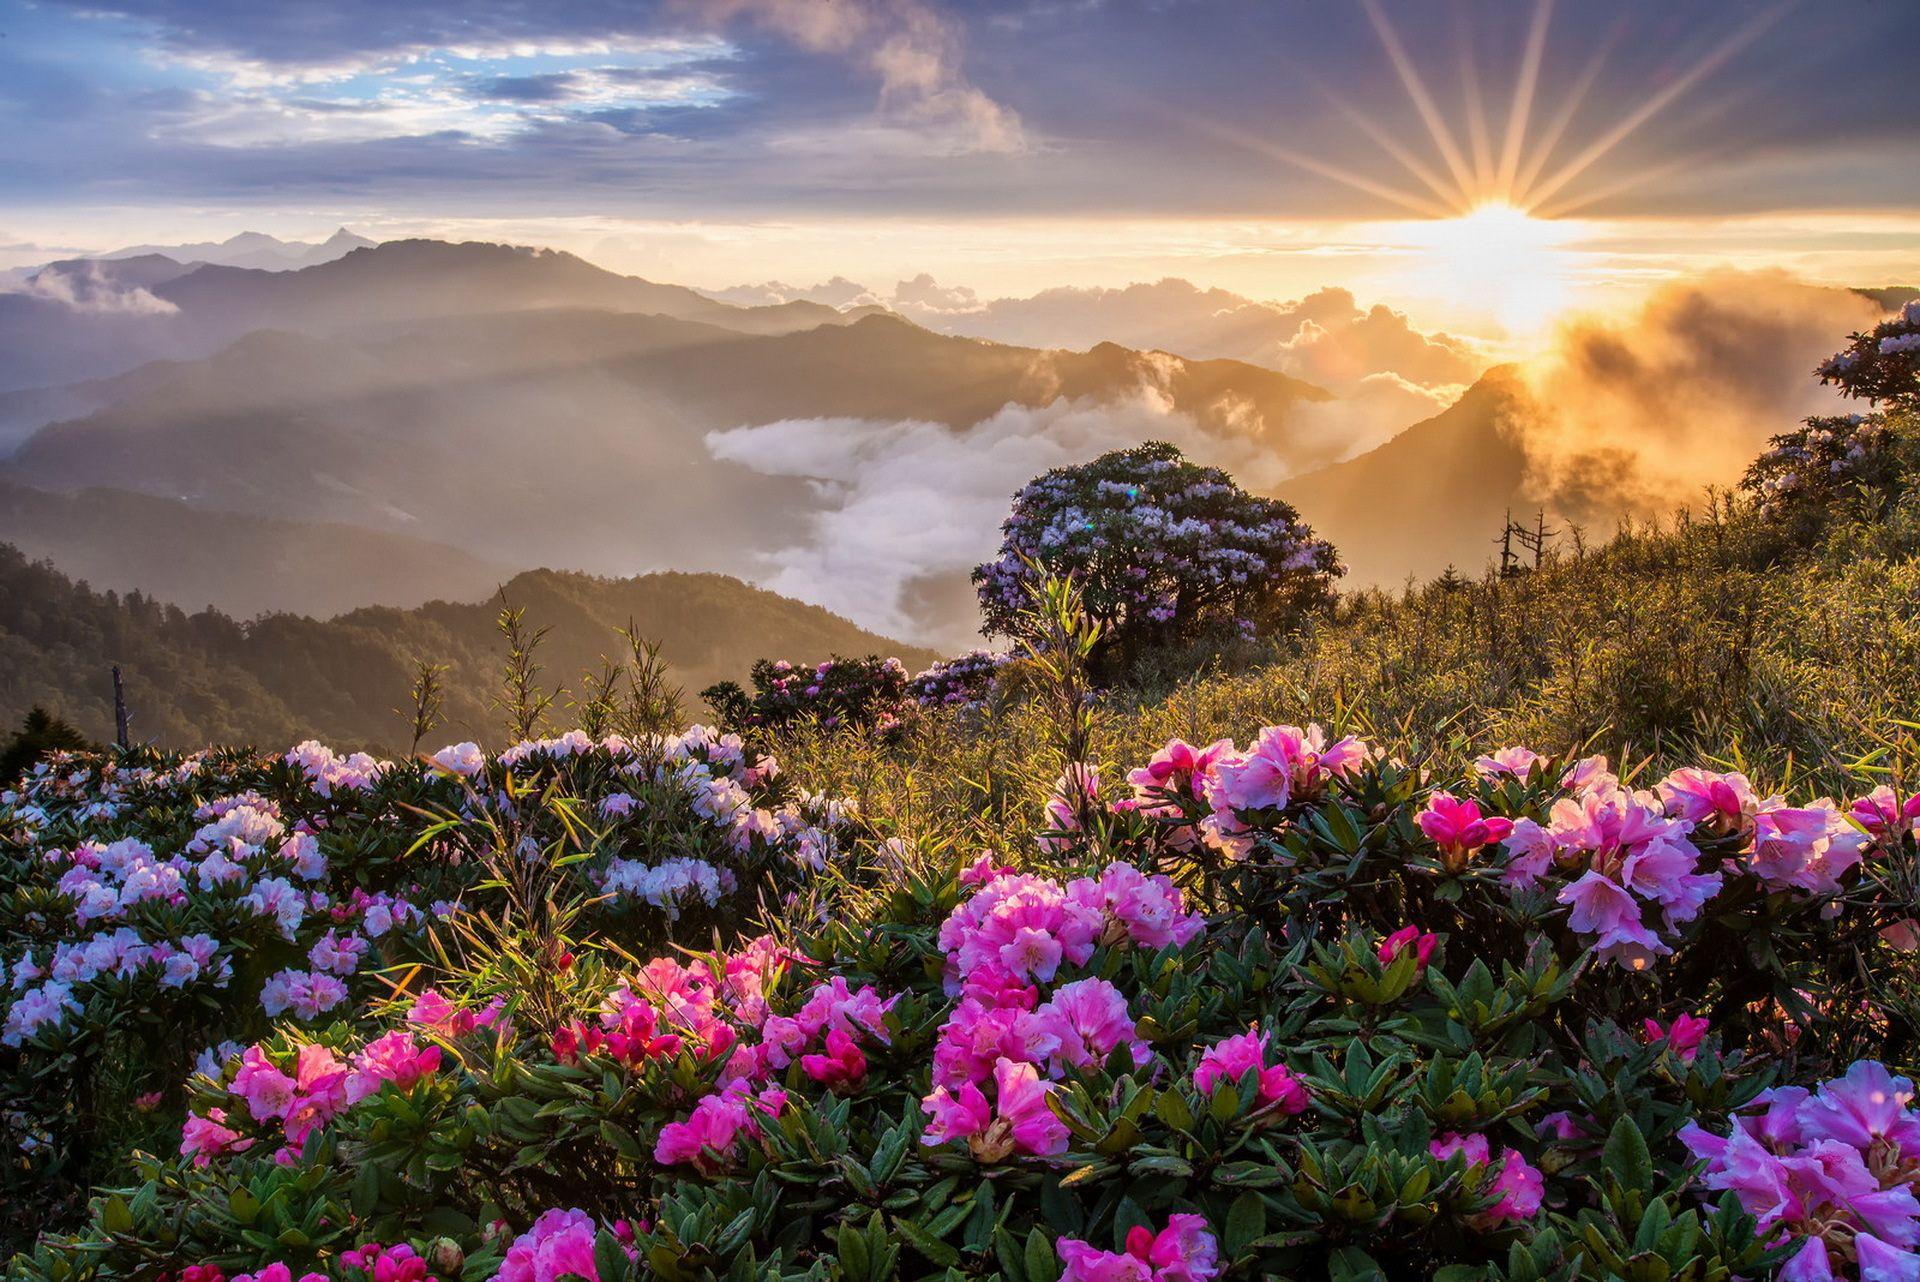 terre nature paysage rayon de soleil soleil pink flower. Black Bedroom Furniture Sets. Home Design Ideas